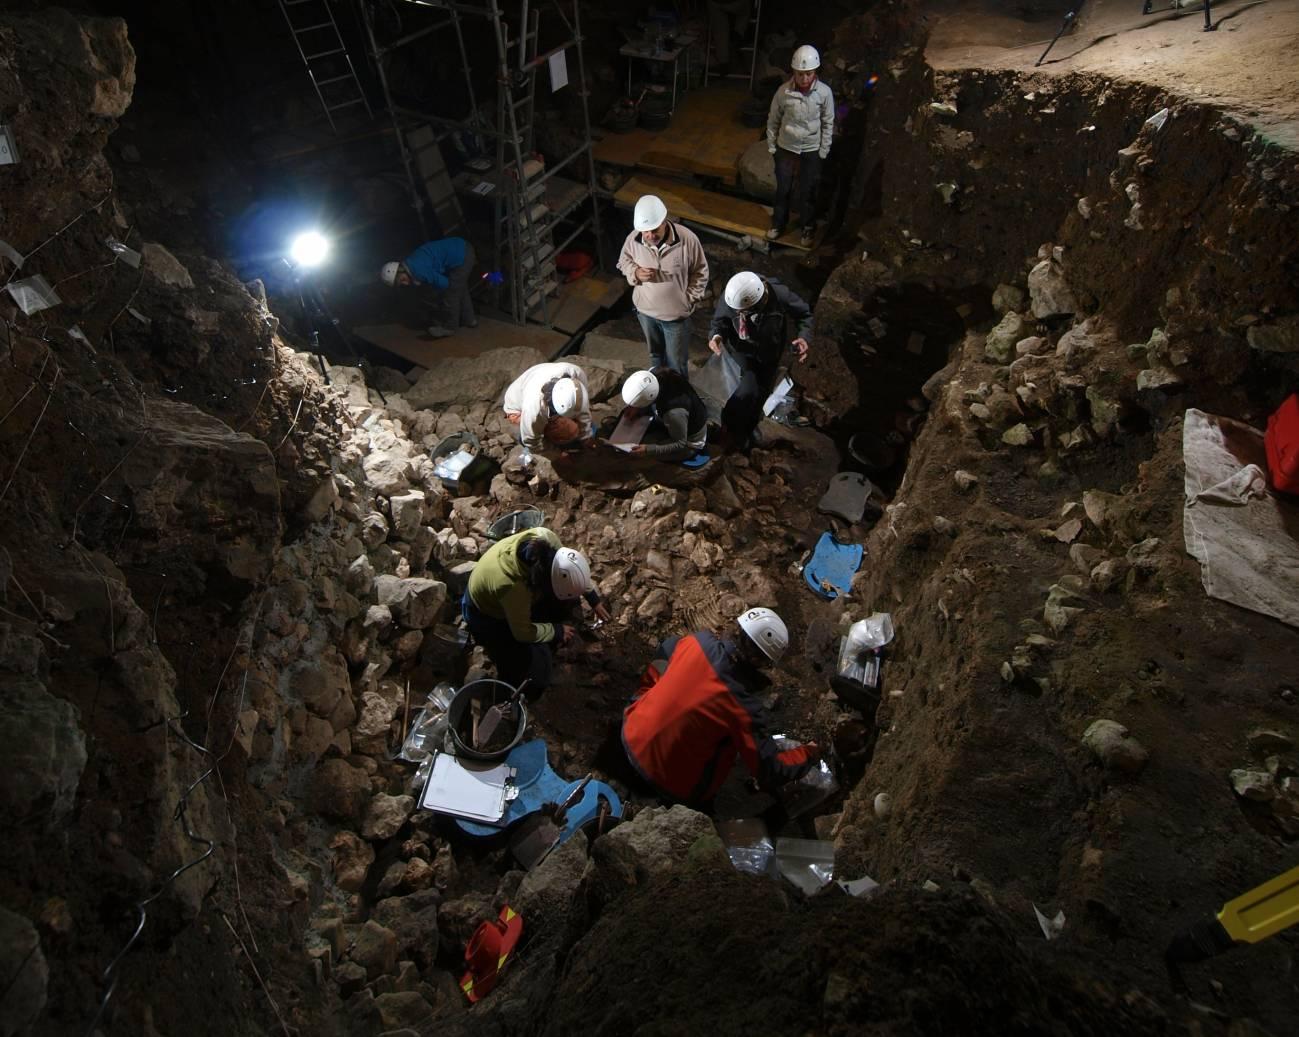 Investigadores analizan los restos en la cueva de Portalón en Atapuerca. / Javier Trueba